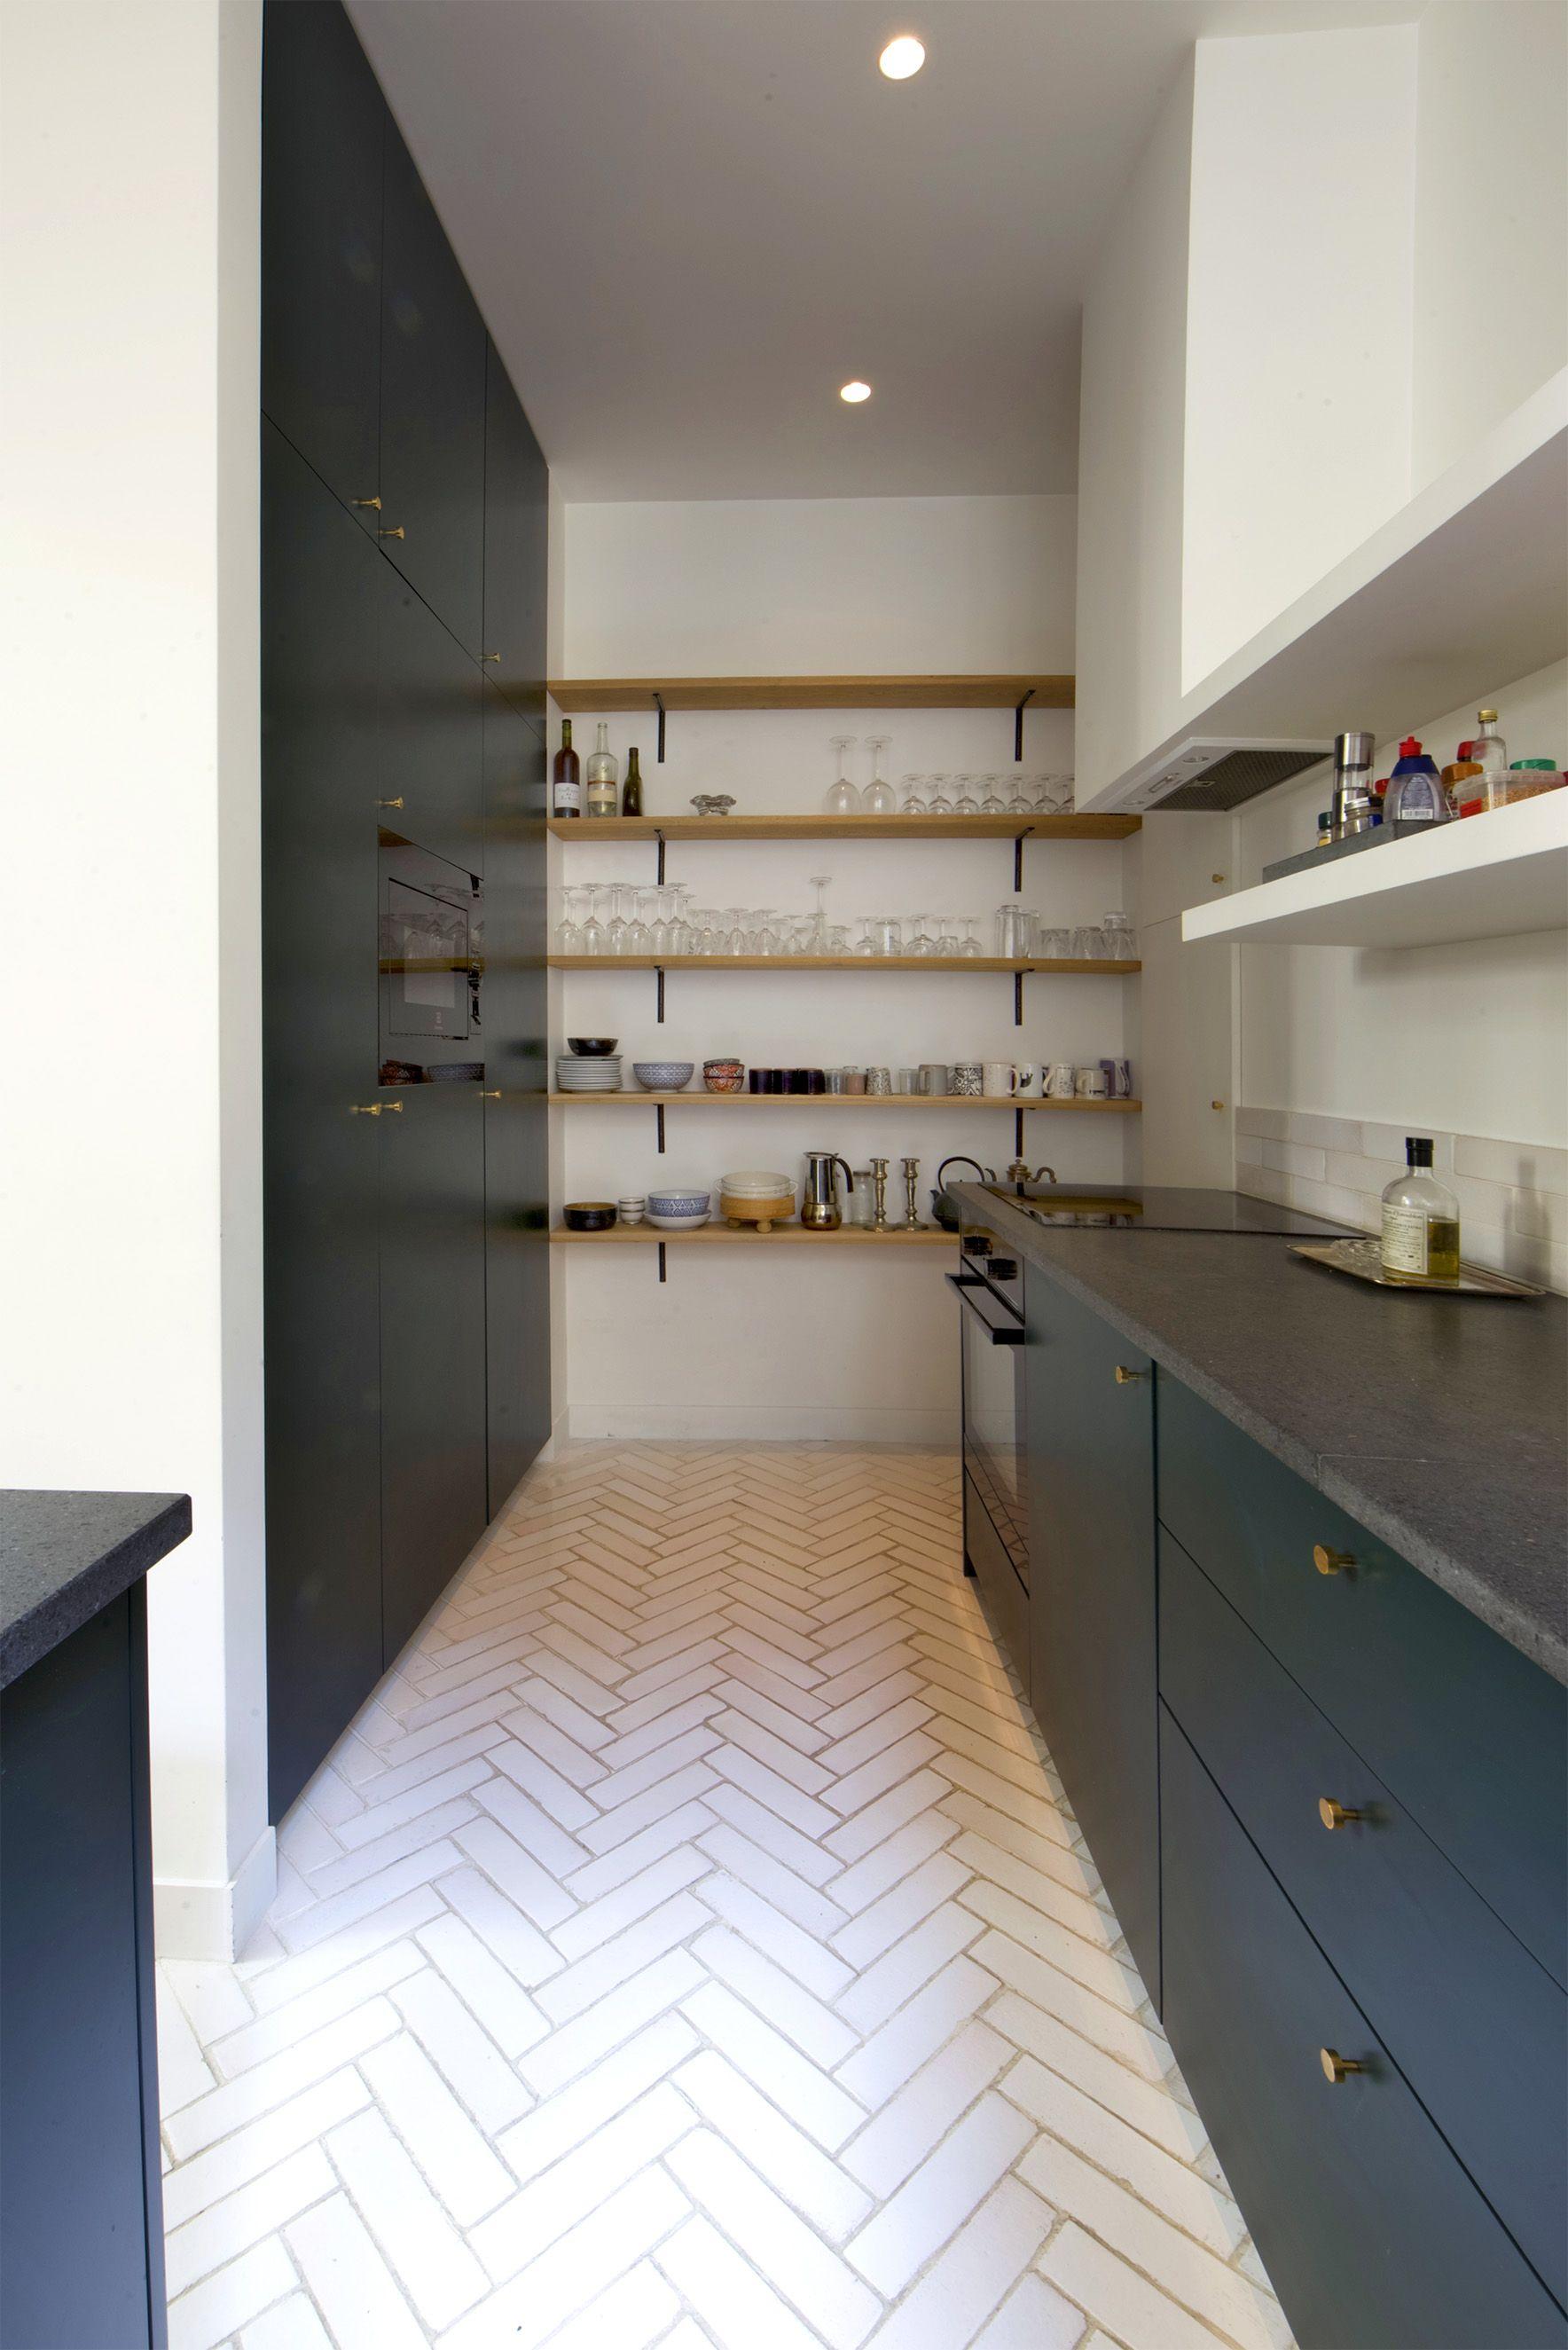 cuisine kitchen plan de travail pierre de lave counter top. Black Bedroom Furniture Sets. Home Design Ideas